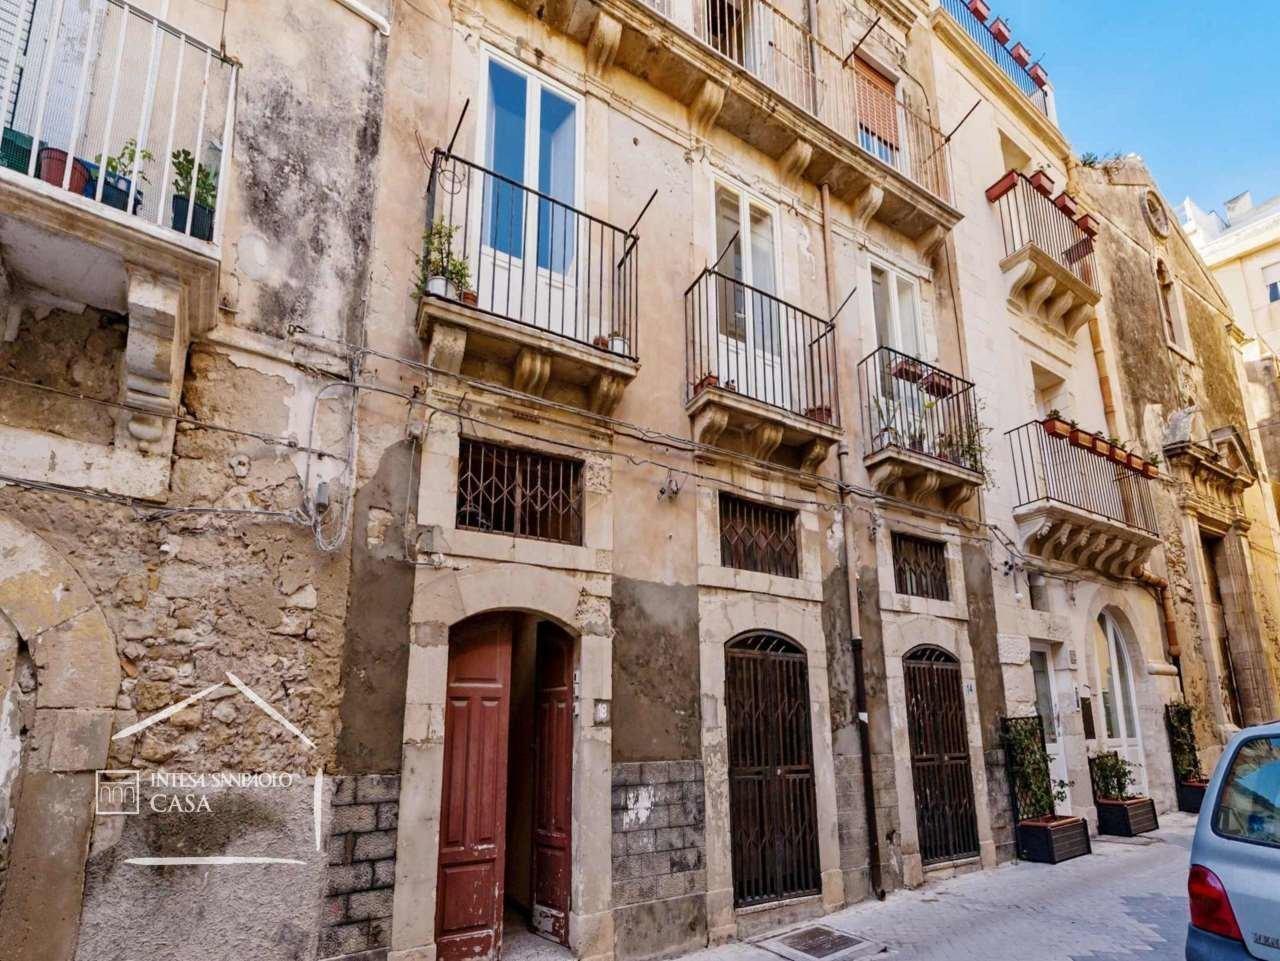 Casa Indipendente in buone condizioni in vendita Rif. 9871390